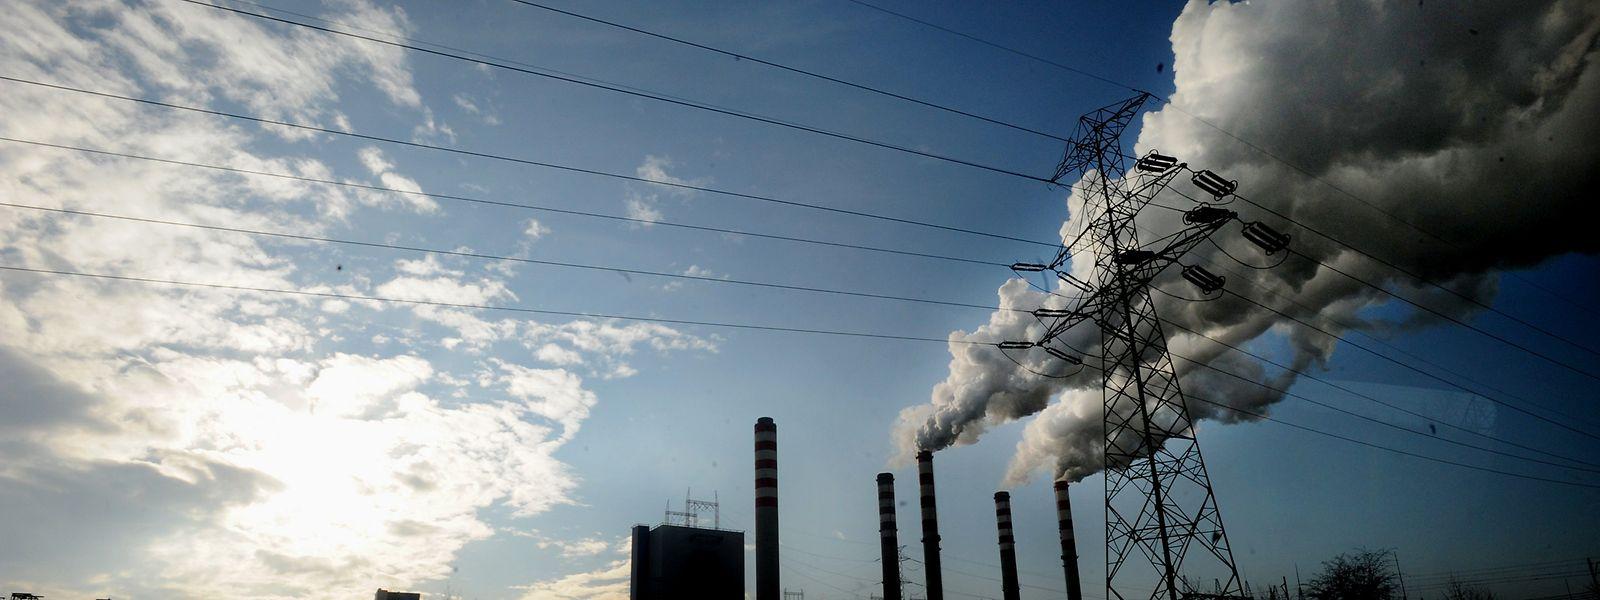 Das polnische Kohlekraftwerk Patnow im Zentrum des Landes. Die Staats- und Regierungschefs der EU haben sich für das Ziel der Klimaneutralität bis 2050 entschieden. Doch Polen bekommt eine längere Frist zugestanden.